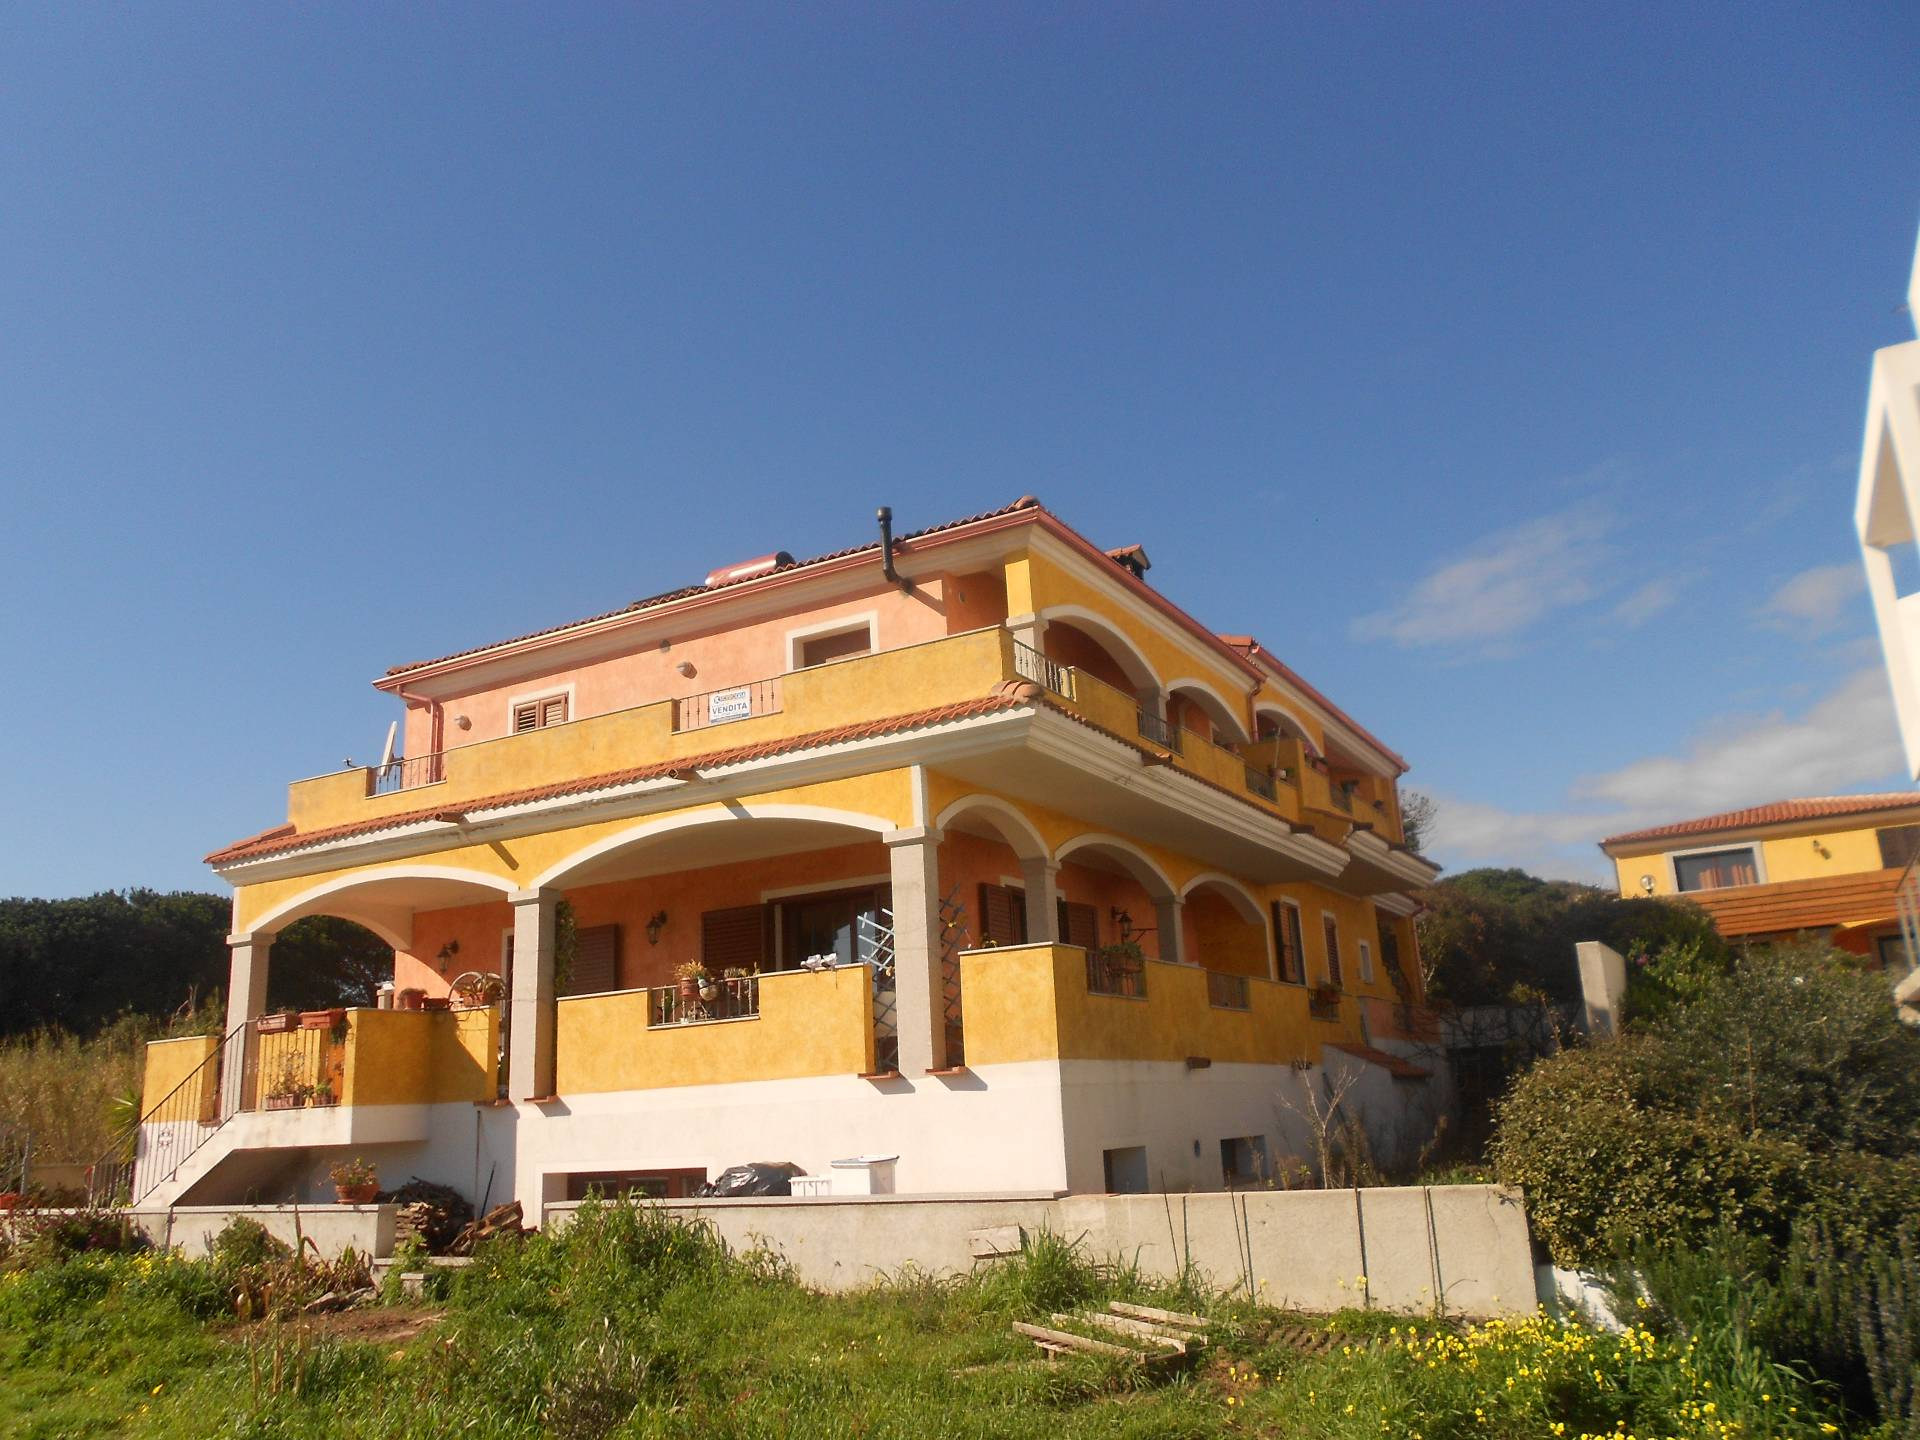 Appartamento in vendita a Santa Teresa Gallura, 3 locali, prezzo € 85.000 | Cambio Casa.it